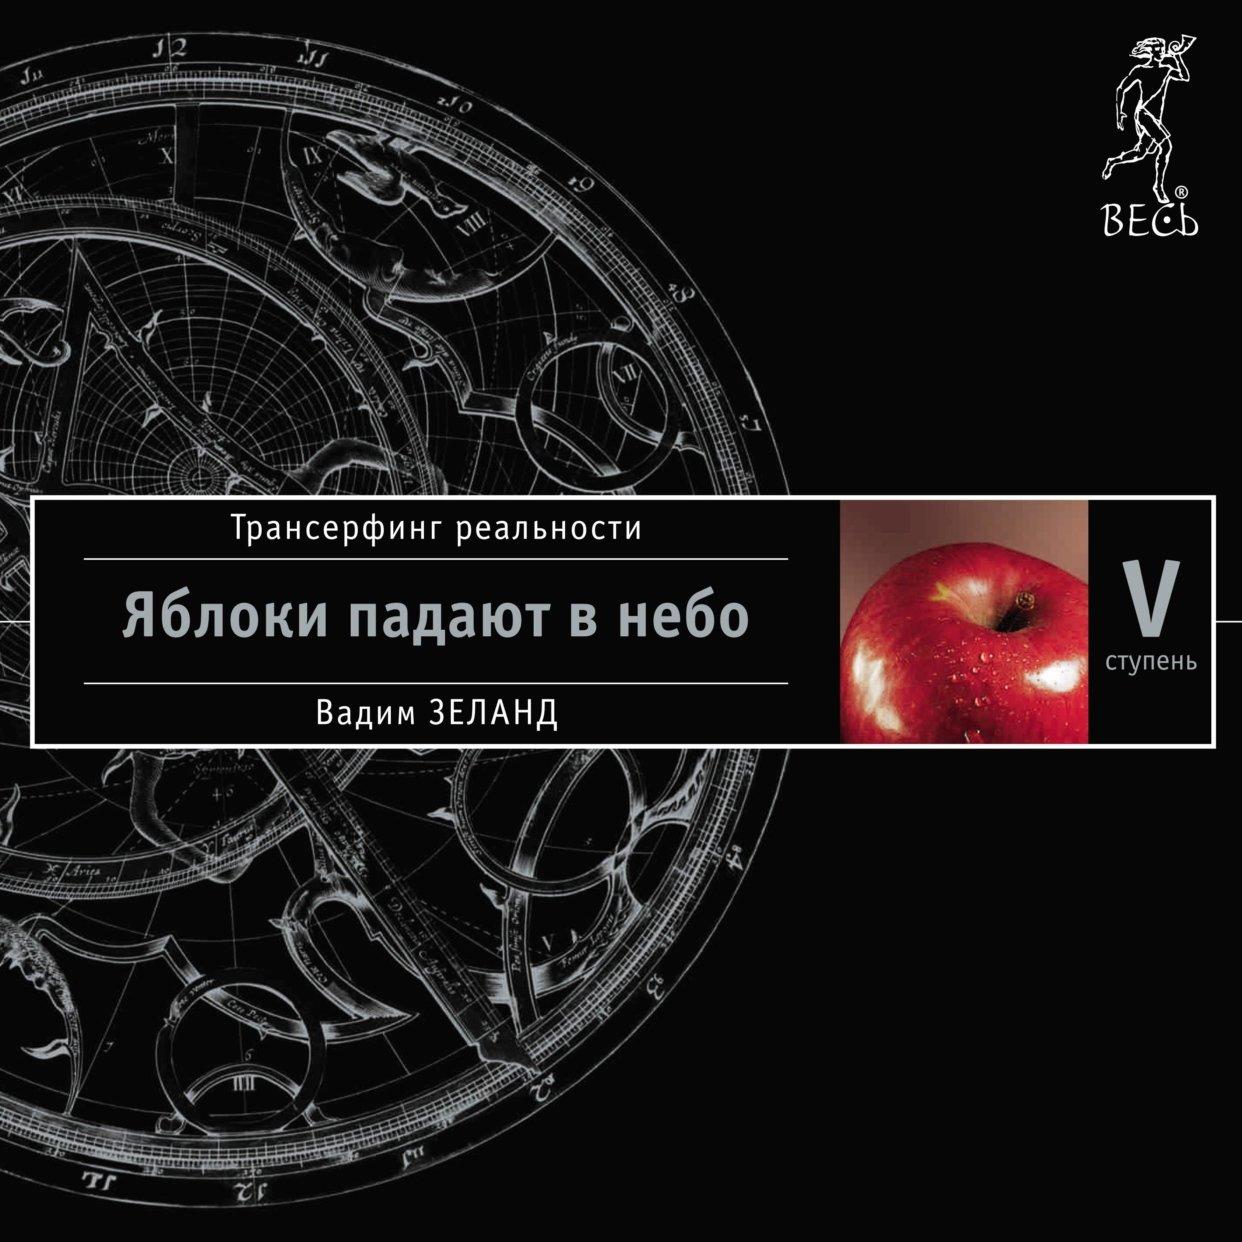 Трансерфинг реальности. Ступень V: Яблоки падают в небо